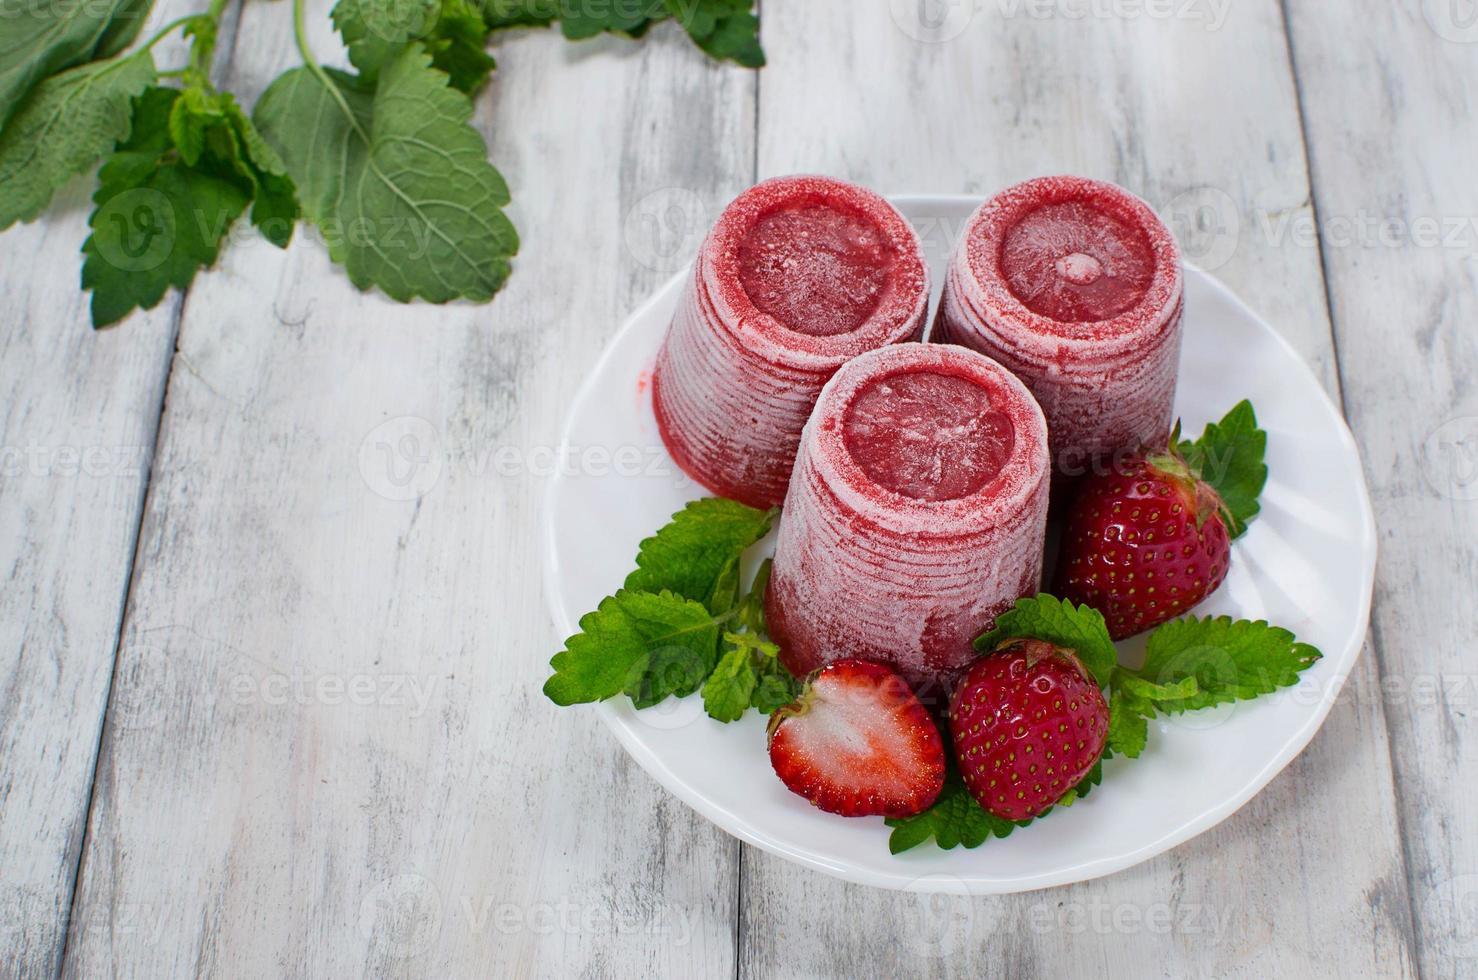 sorvete de morango com hortelã foto